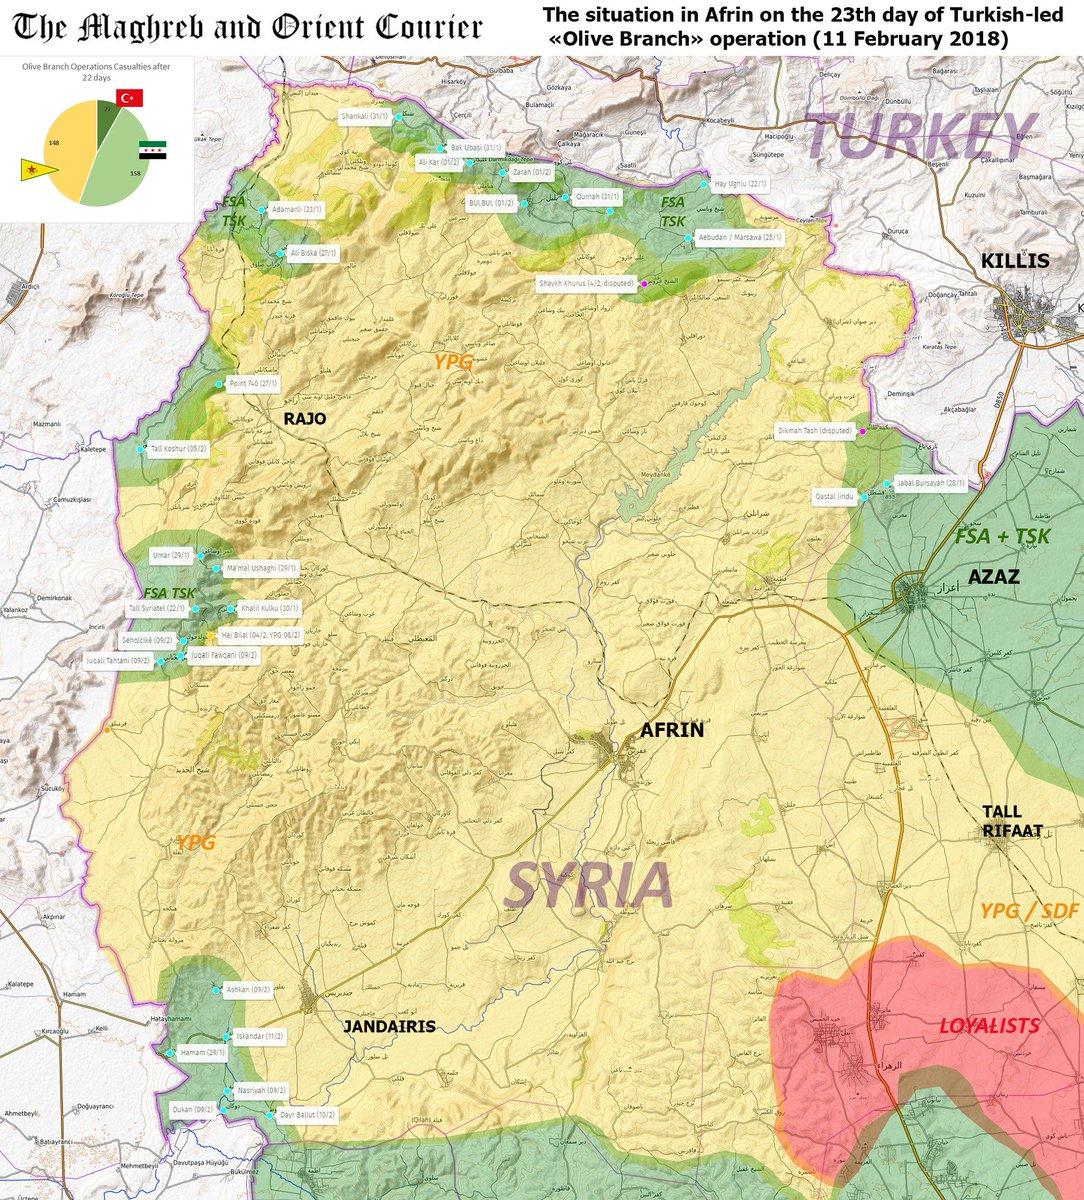 Syrian War: News #17 DVxEGnxWkAYMgkP